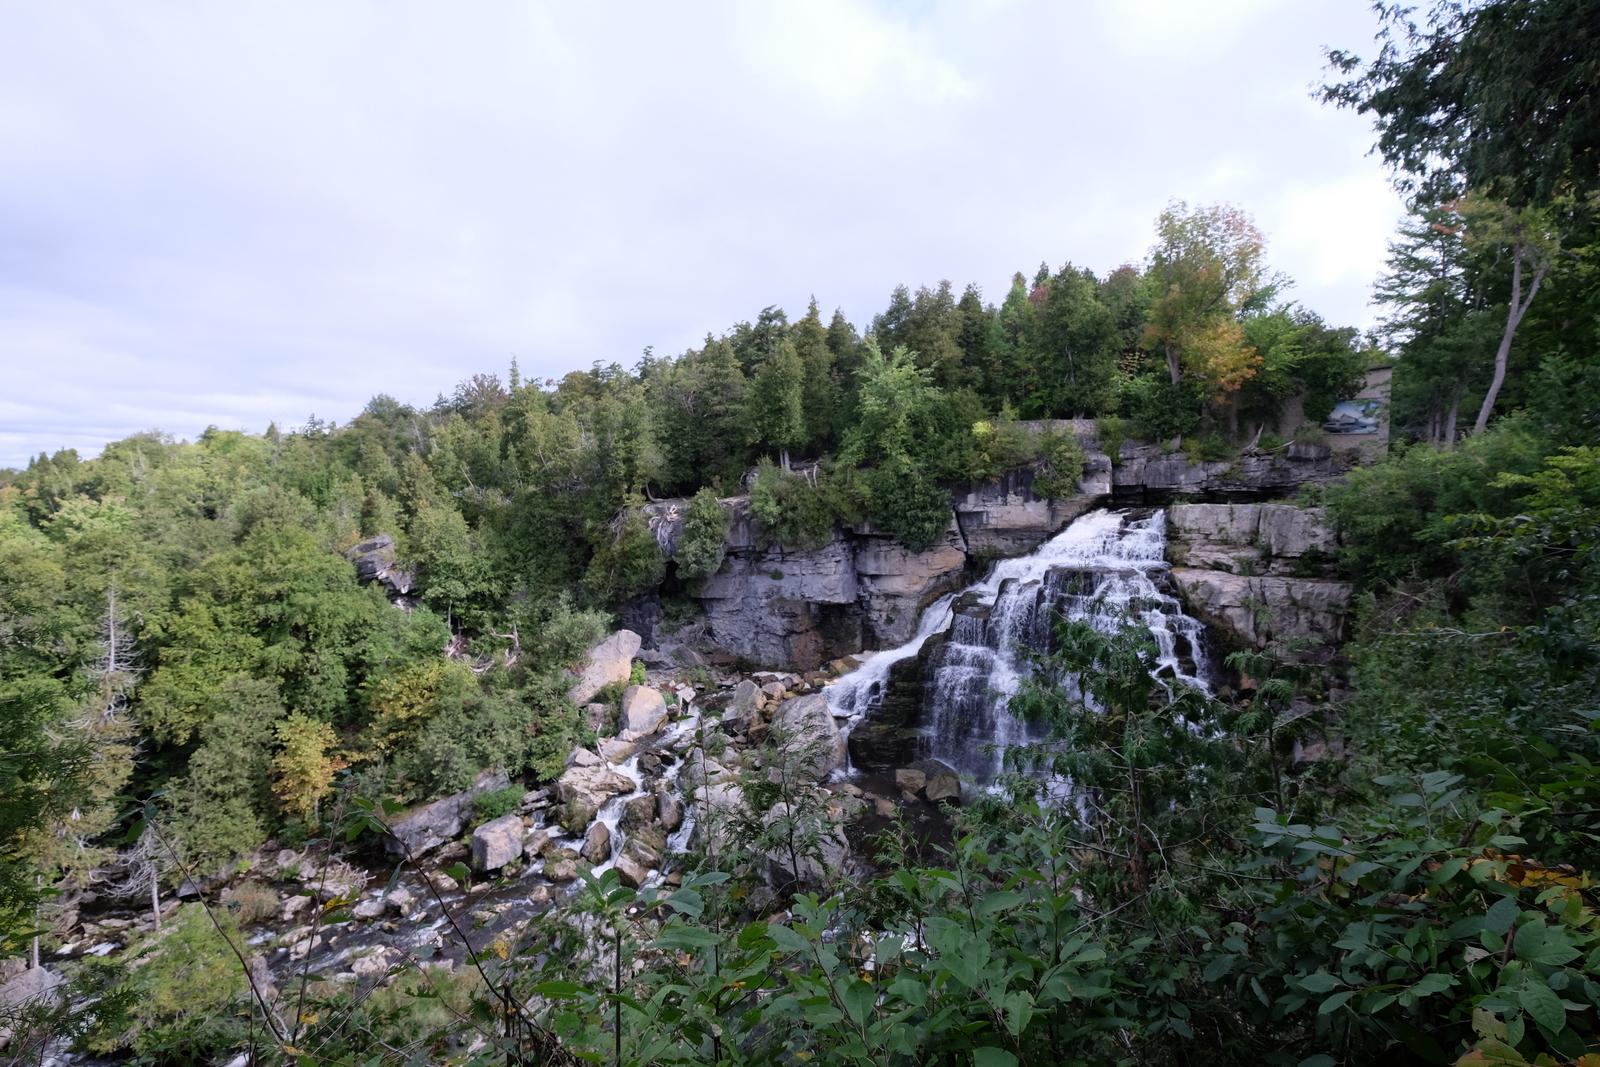 Sensational Inglis Falls in Owen Sound, Ontario. - JIM BYERS PHOTO